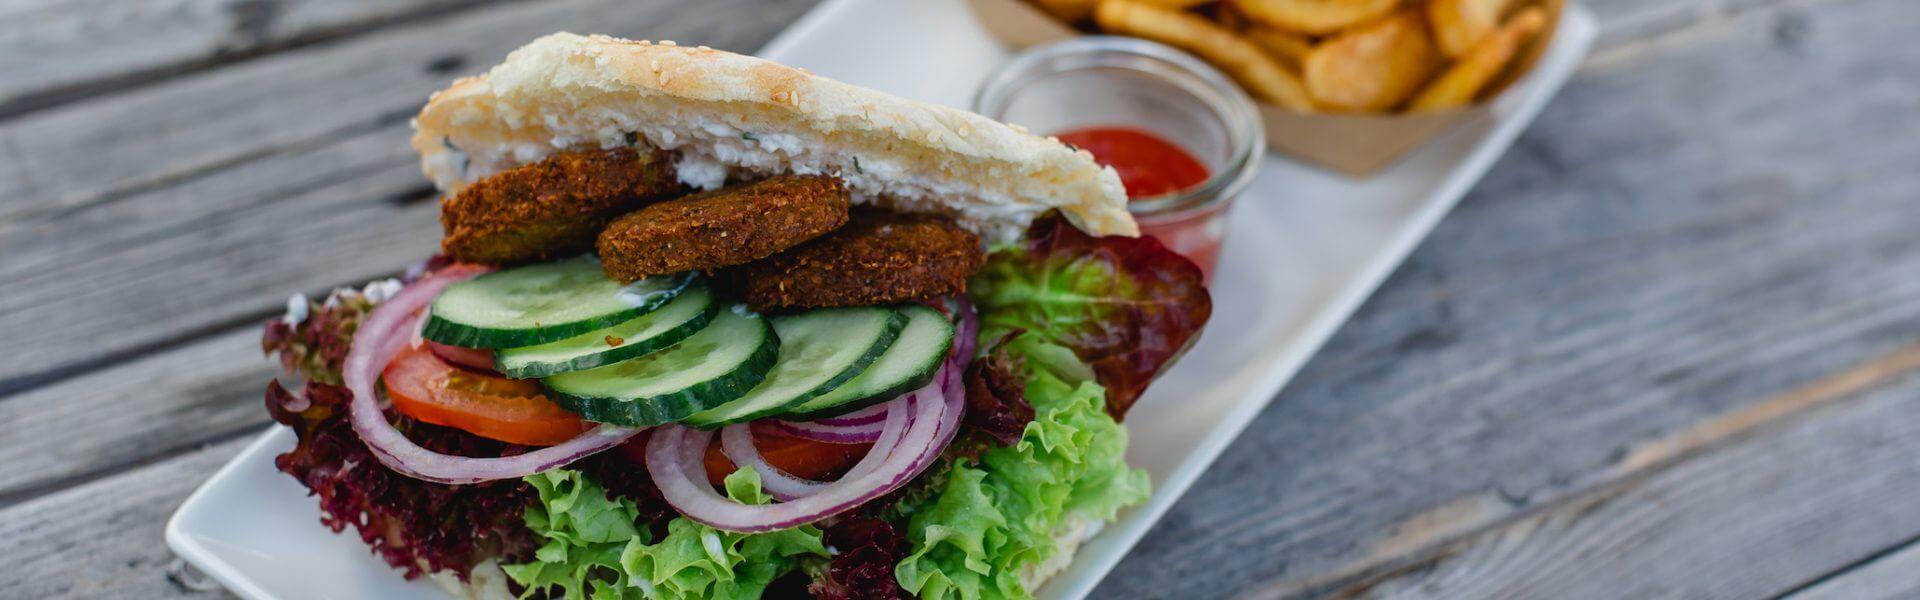 Kisten-Kebab (vegetarisch oder mit Huhn) gibt's im Café der Schwarzen Kiste in Augsburg an der Haunstetter Straße.